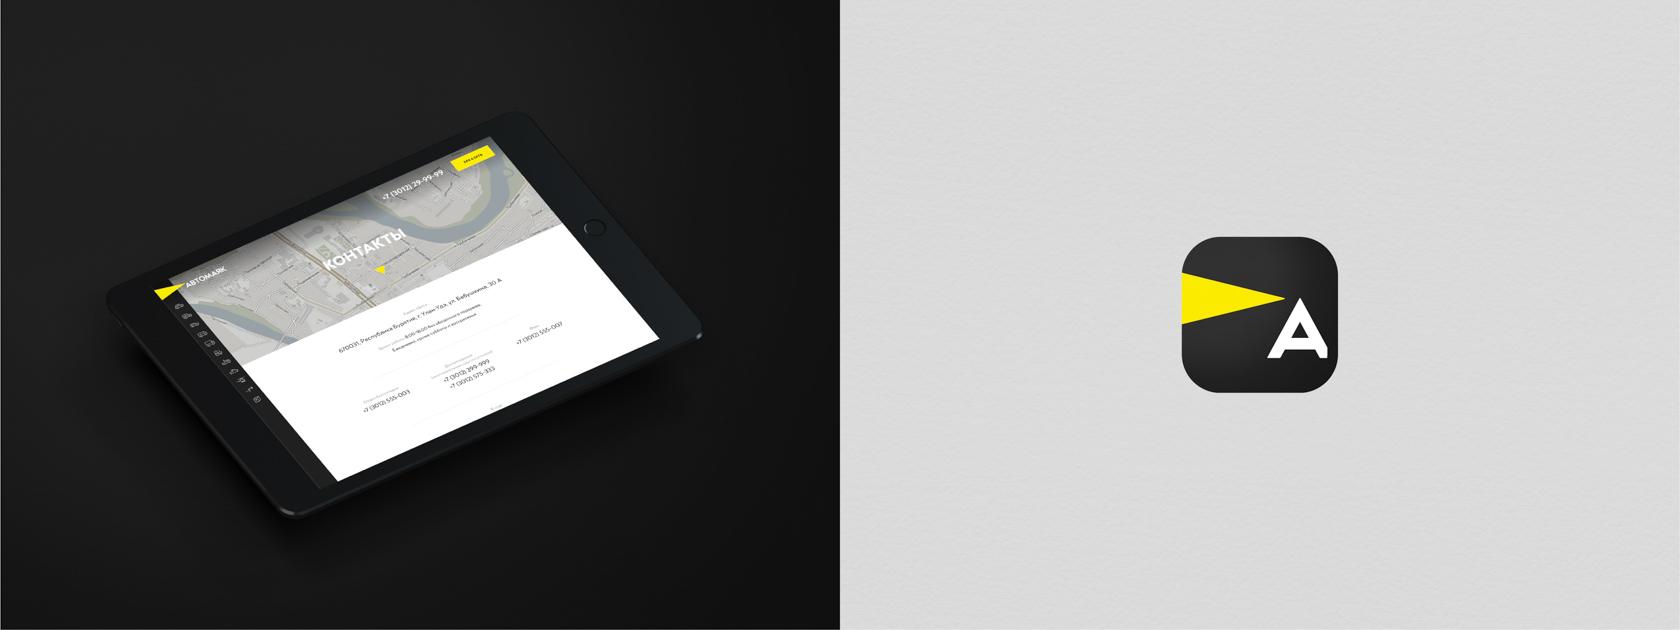 Разработка сайта, иконка мобильного приложения